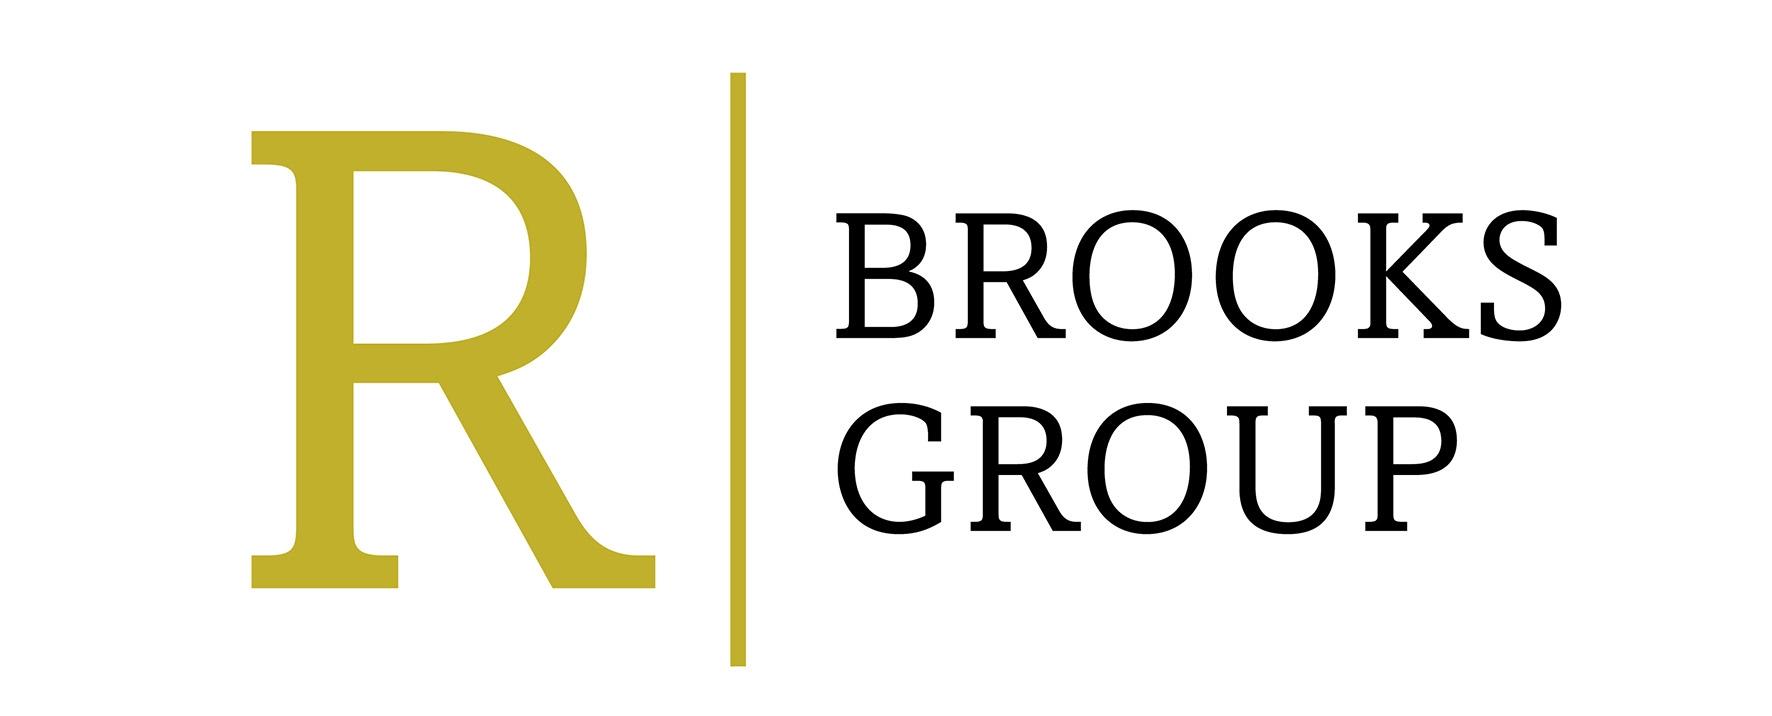 RBrooks_LeadingEdge_Logos (1).jpg